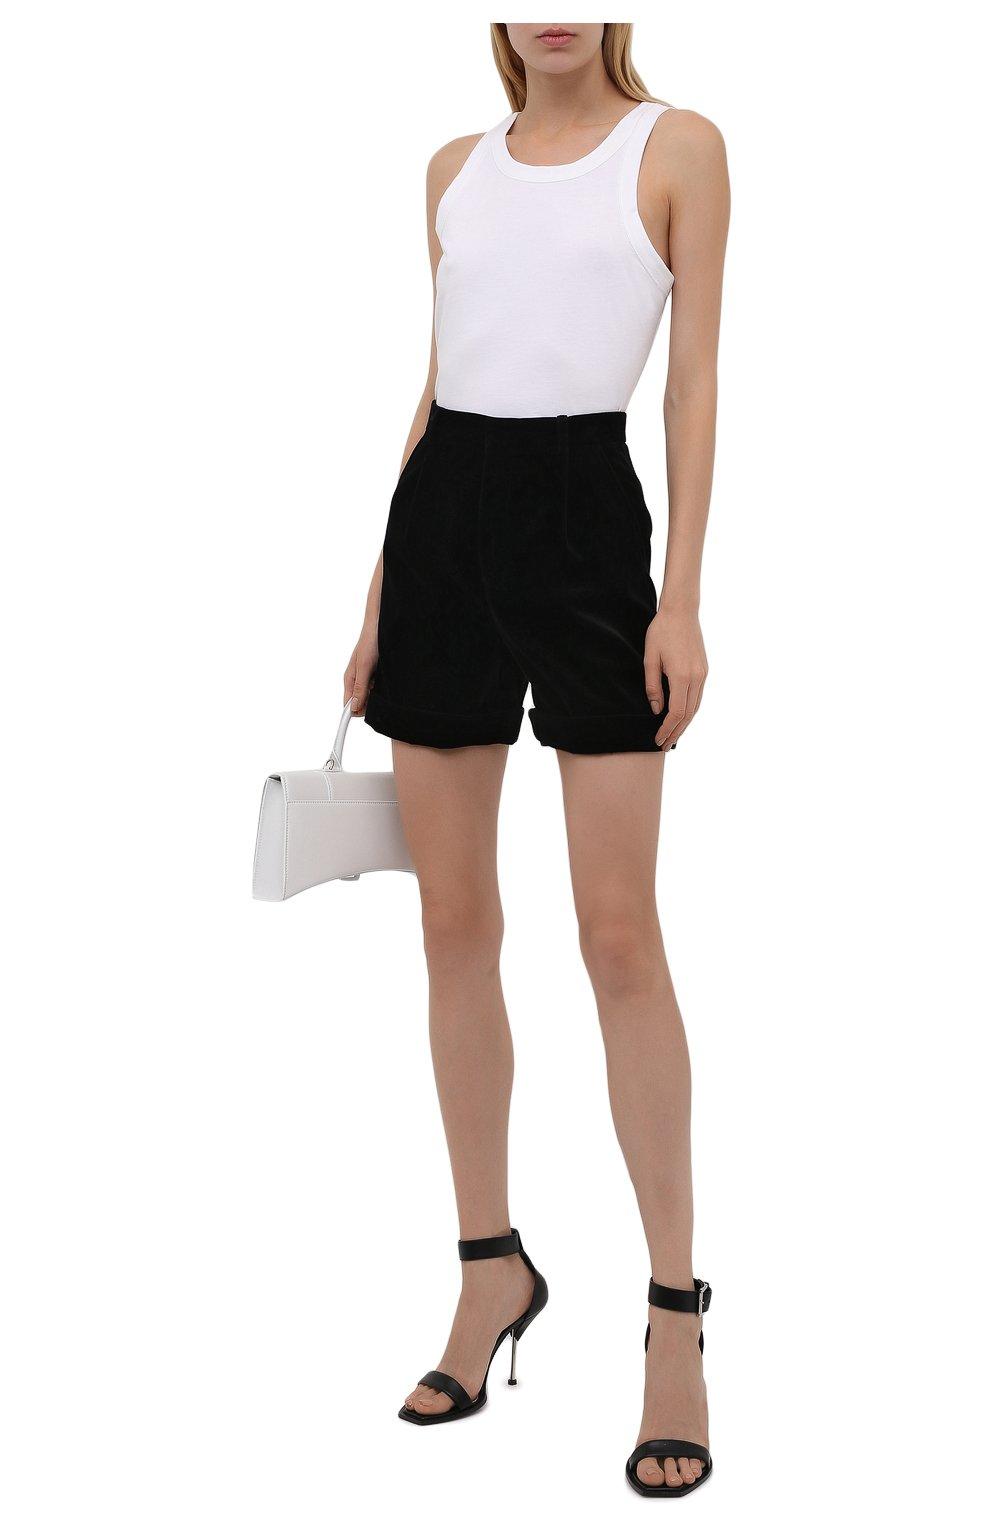 Женские хлопковые шорты SAINT LAURENT черного цвета, арт. 661357/Y615W | Фото 2 (Женское Кросс-КТ: Шорты-одежда; Стили: Гламурный; Длина Ж (юбки, платья, шорты): Мини; Материал внешний: Хлопок; Материал подклада: Шелк)